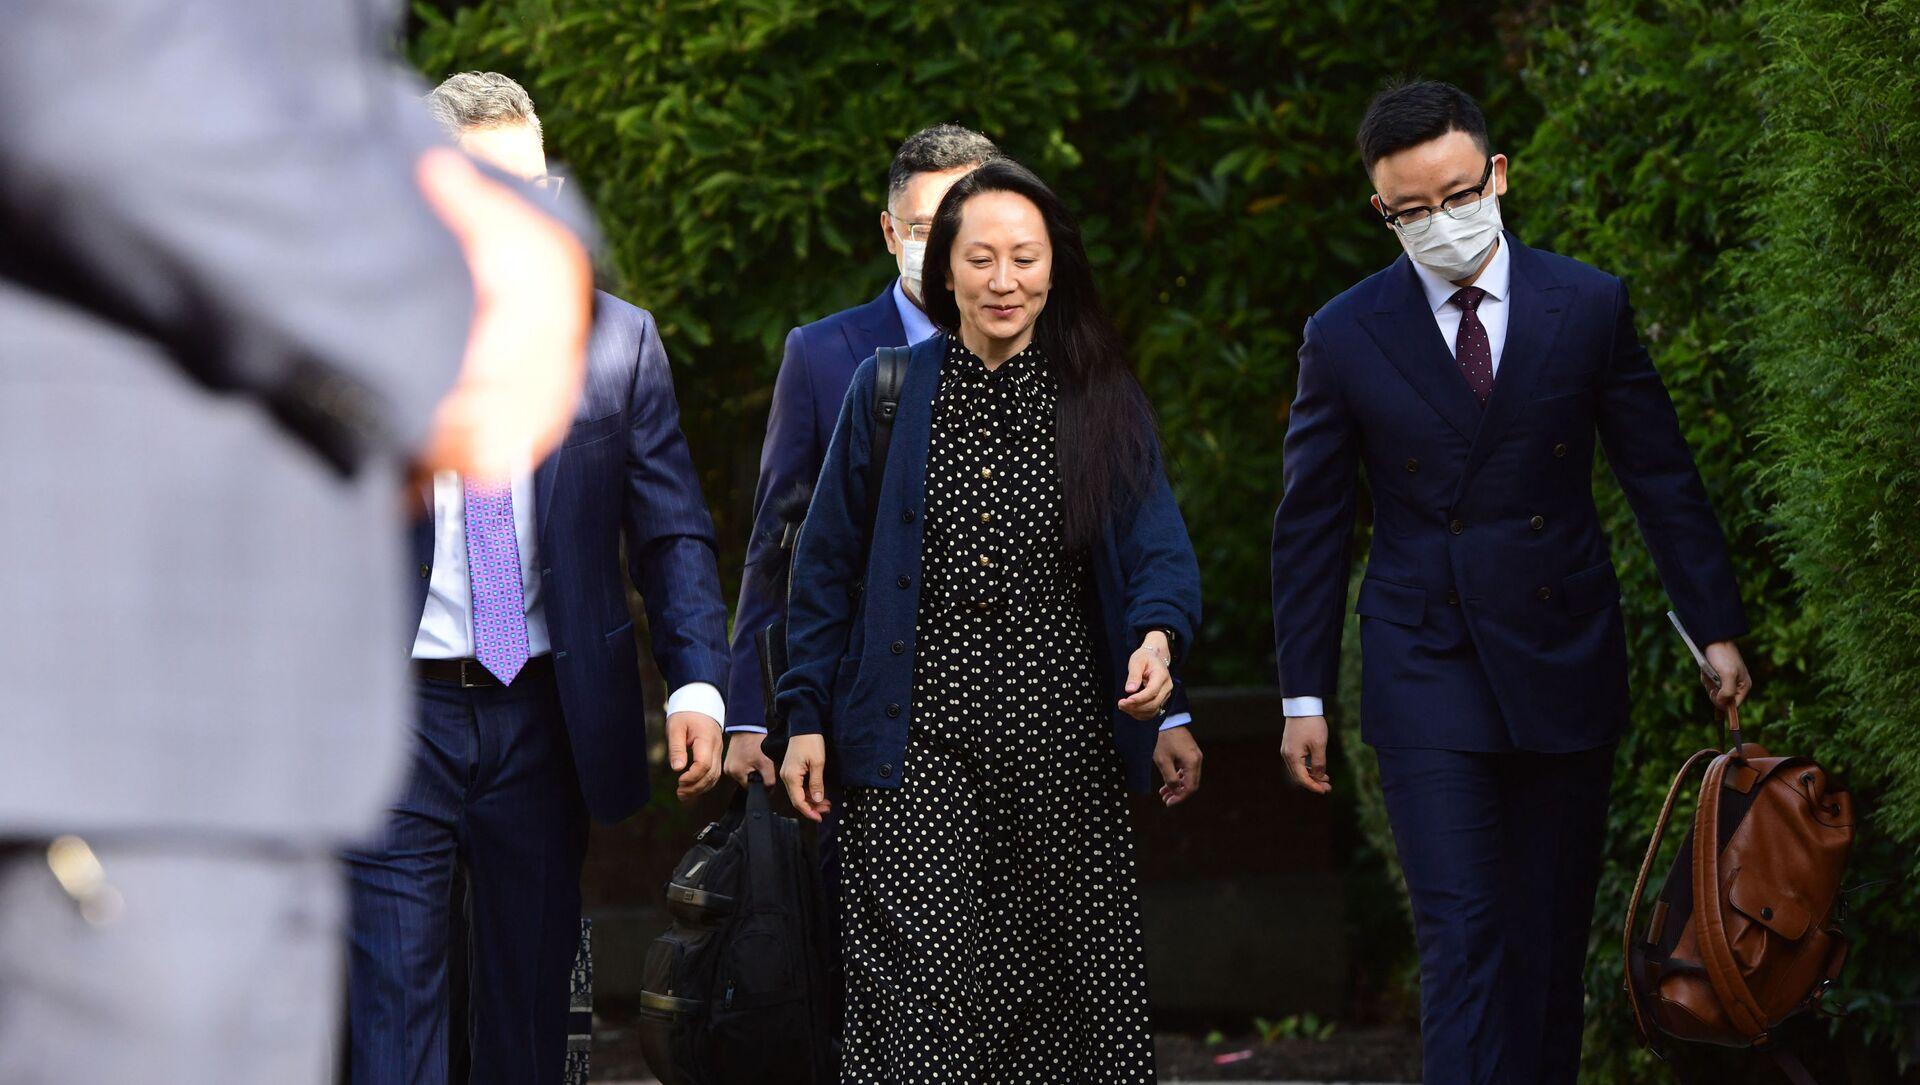 Финансовый директор Huawei Мэн Ваньчжоу покидает свой дом в Ванкувере, чтобы присутствовать на слушании по делу об экстрадиции - Sputnik Абхазия, 1920, 27.09.2021